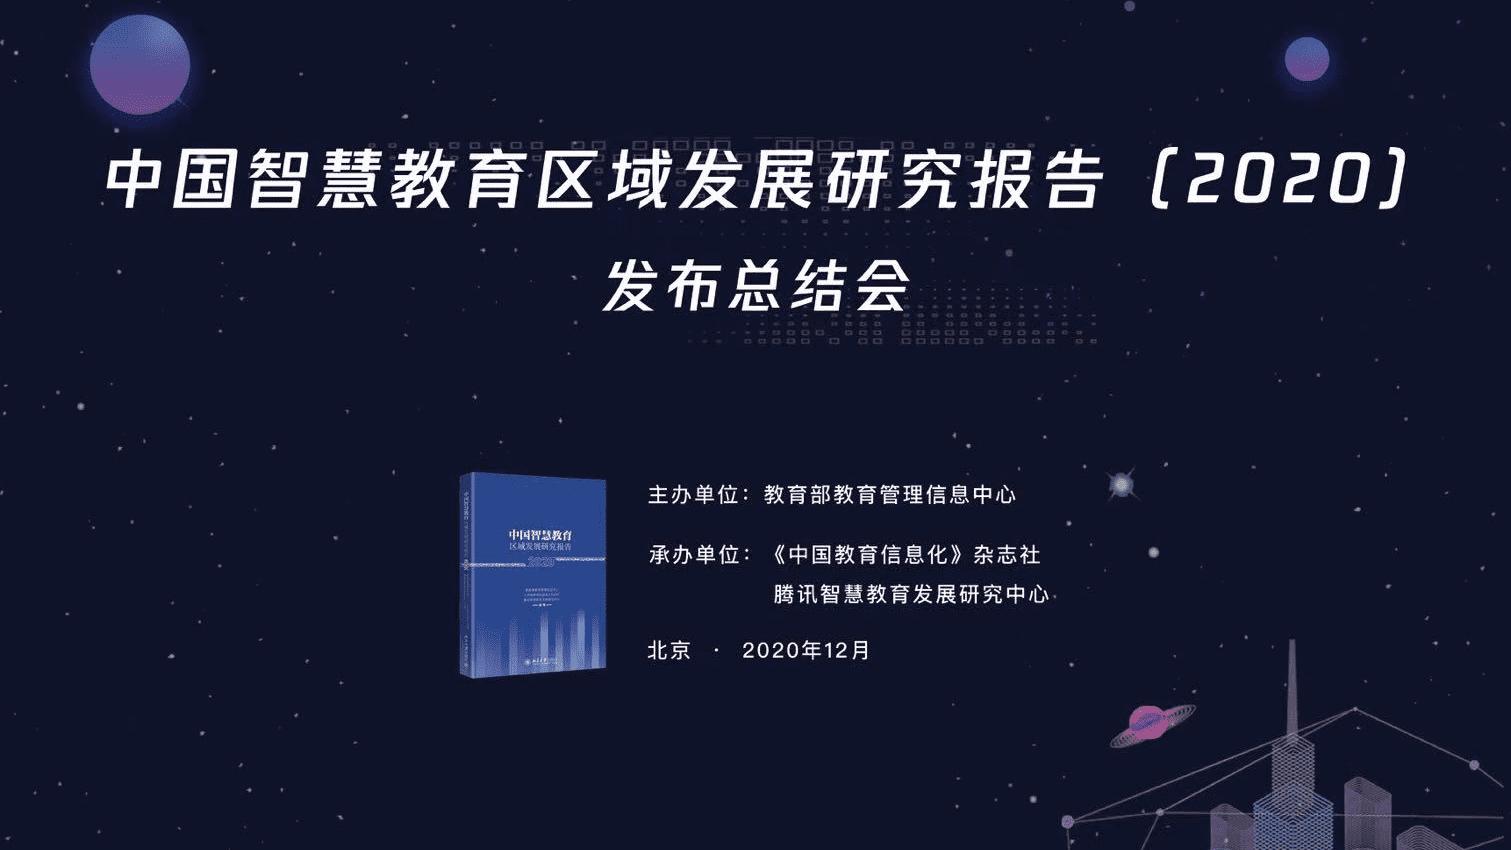 中国智慧教育区域发展研究报告(2020)发布总结会